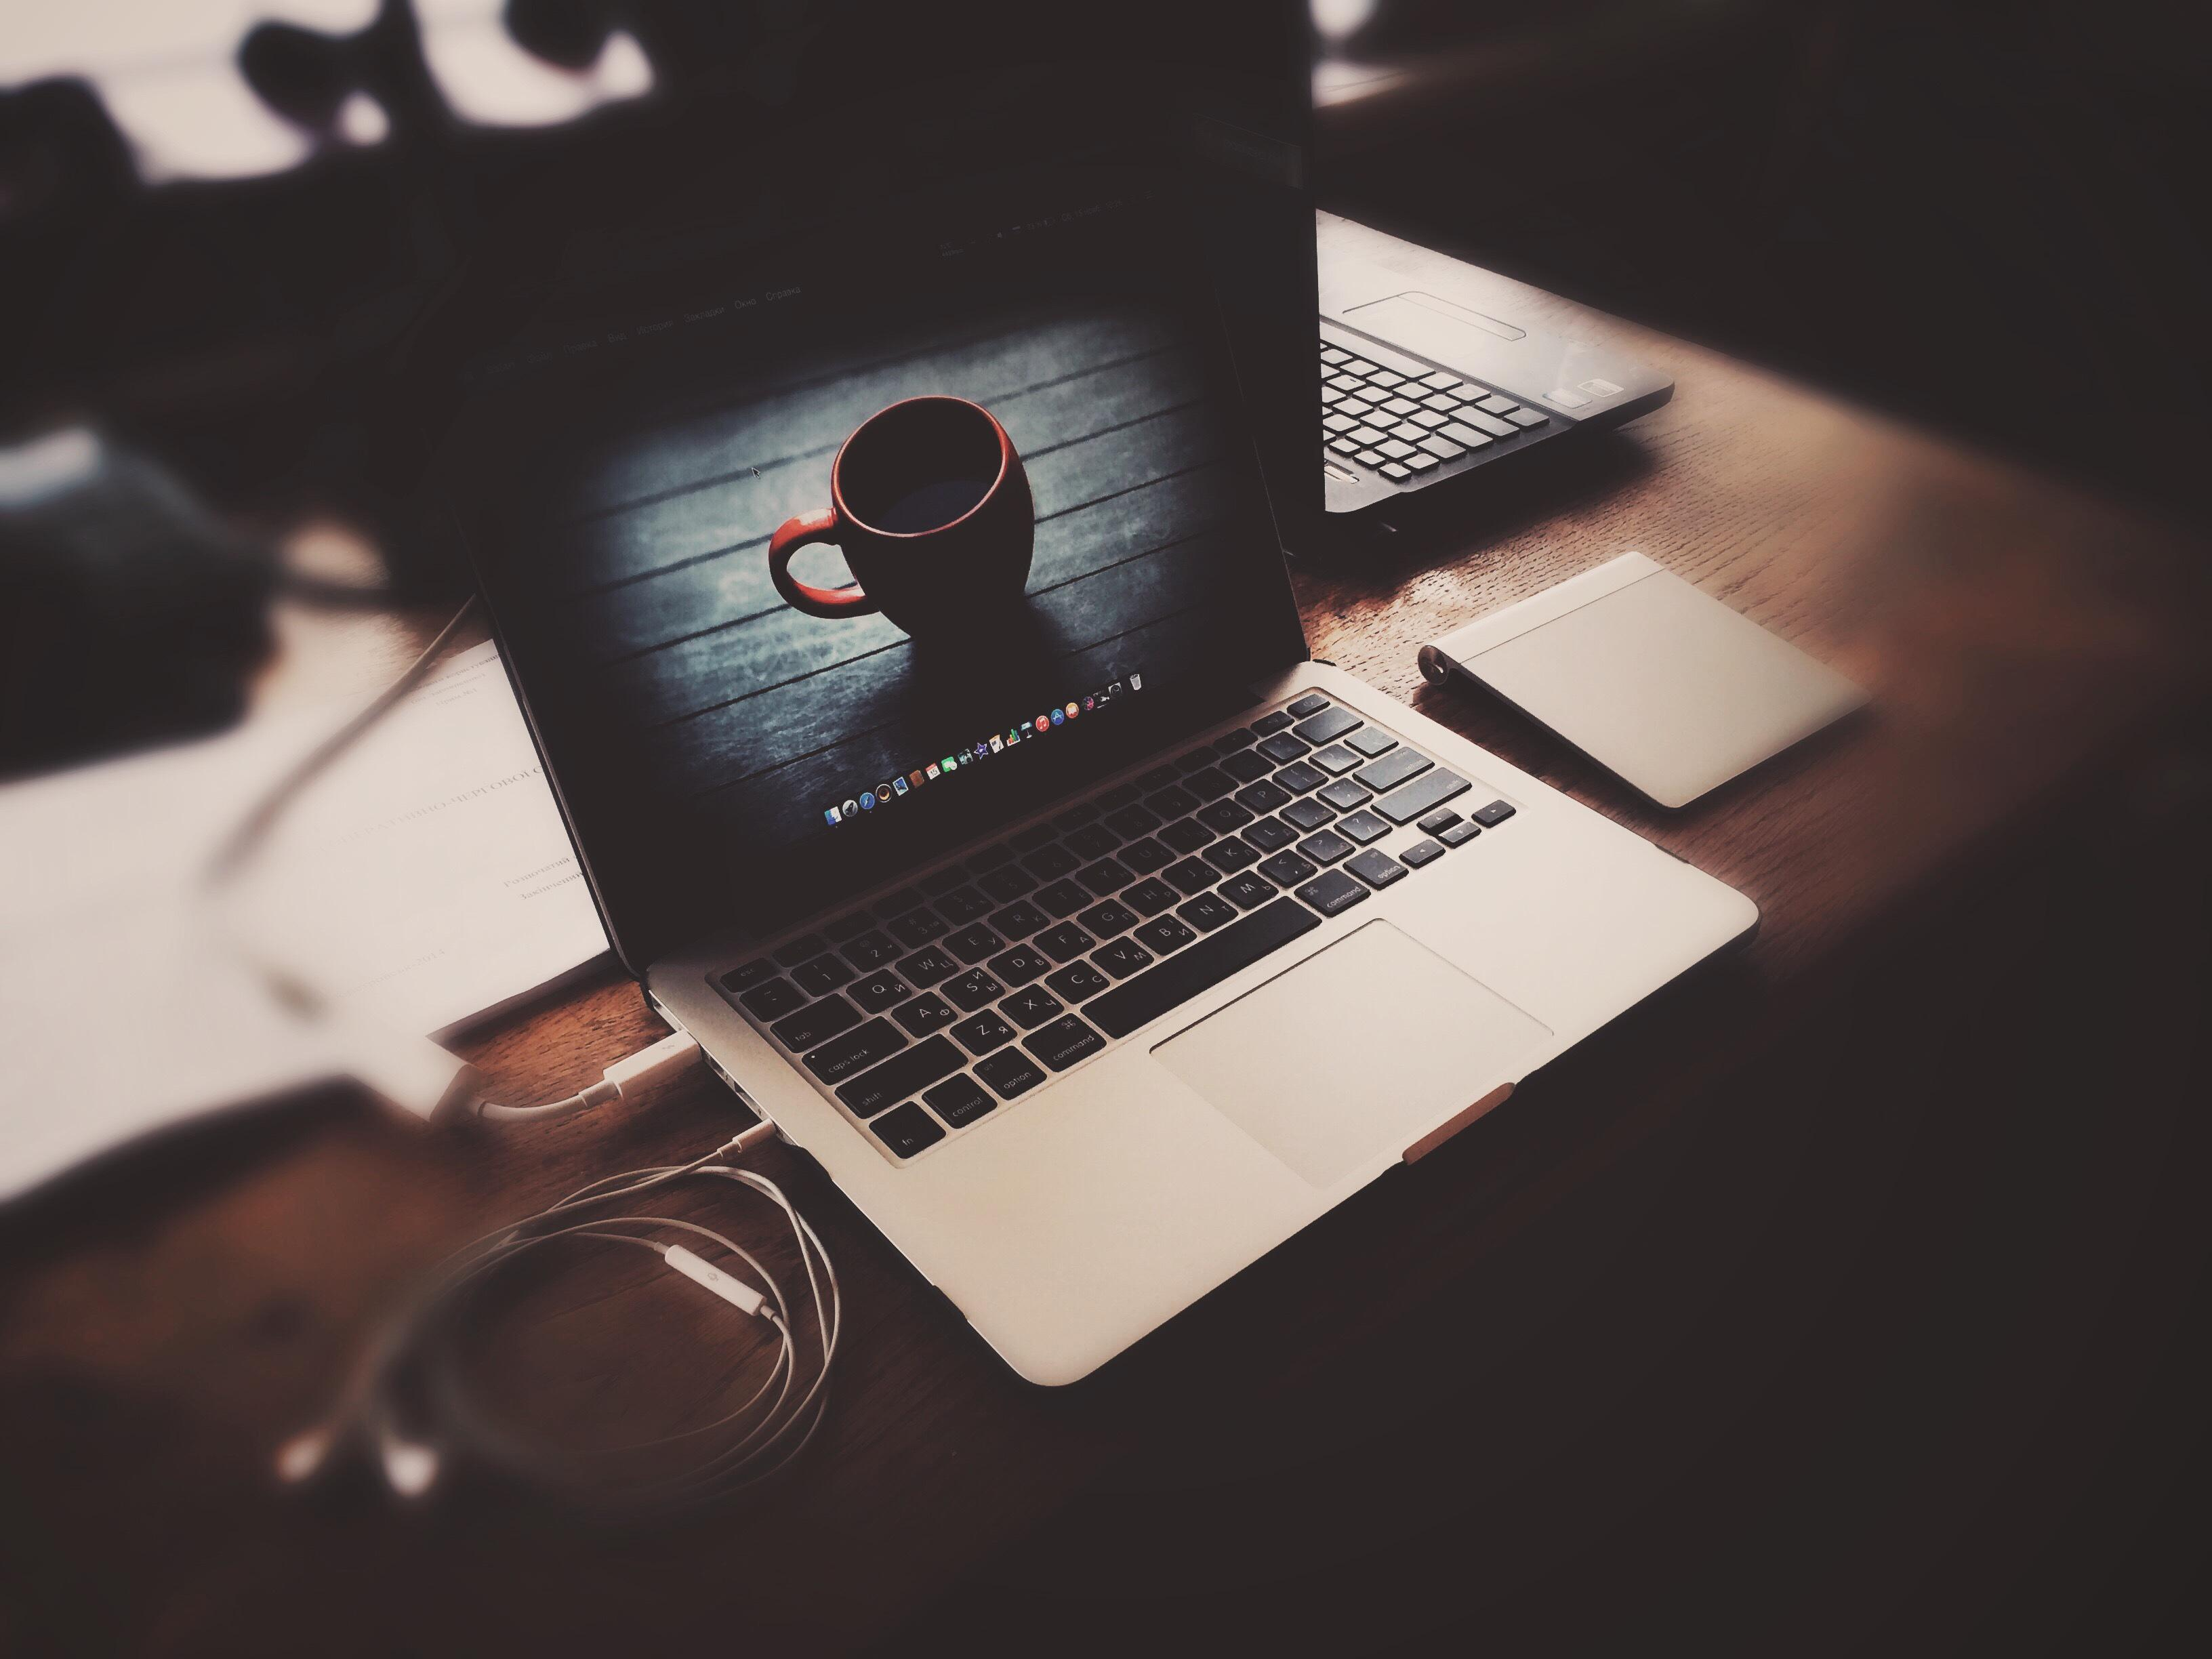 3d Wallpaper For Macbook Pro 13 Macbook Pro Apple Laptop Headphones Table Wallpaper